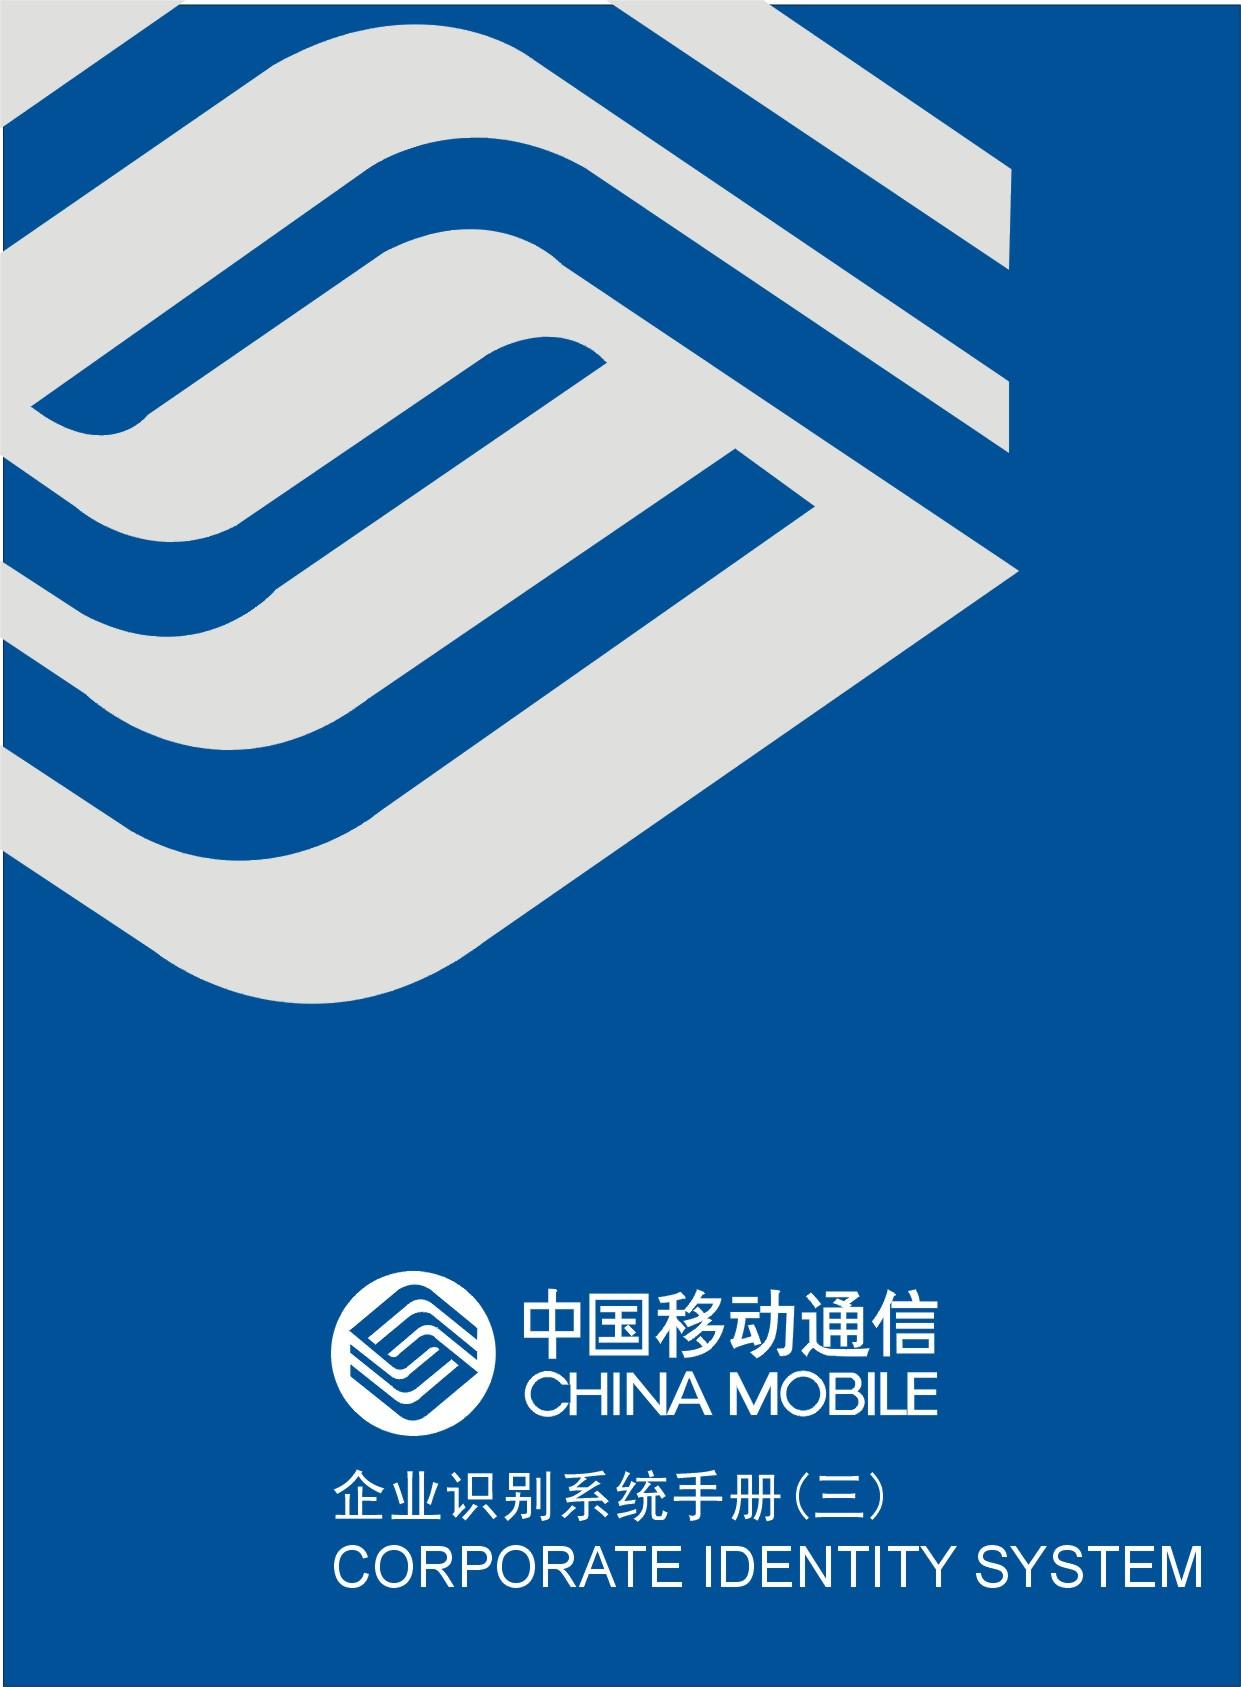 中国移动图片-整套vi矢量素材